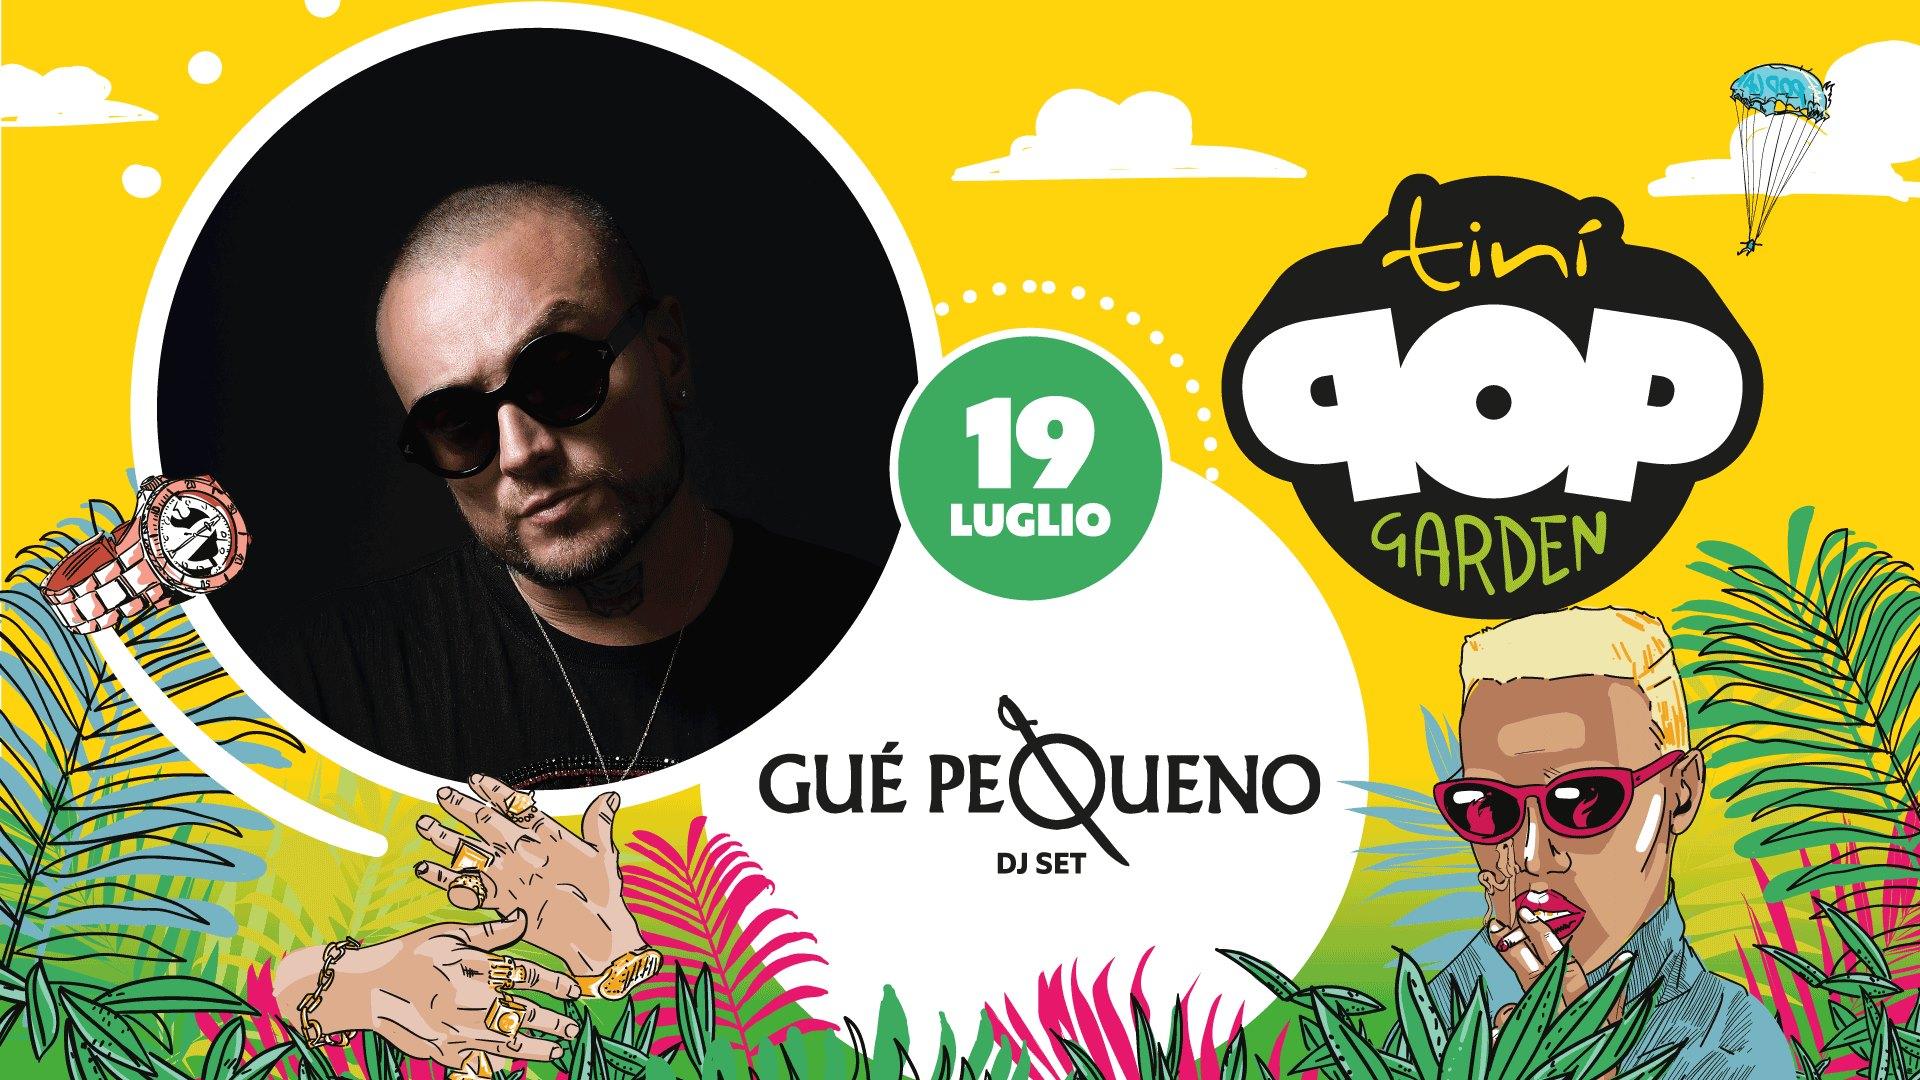 """Guè Pequeno – Tini SoundGarden Cecina """"Pop Garden"""" – Venerdì 19 Luglio 2019 – Ticket e Pacchetti Hotel"""